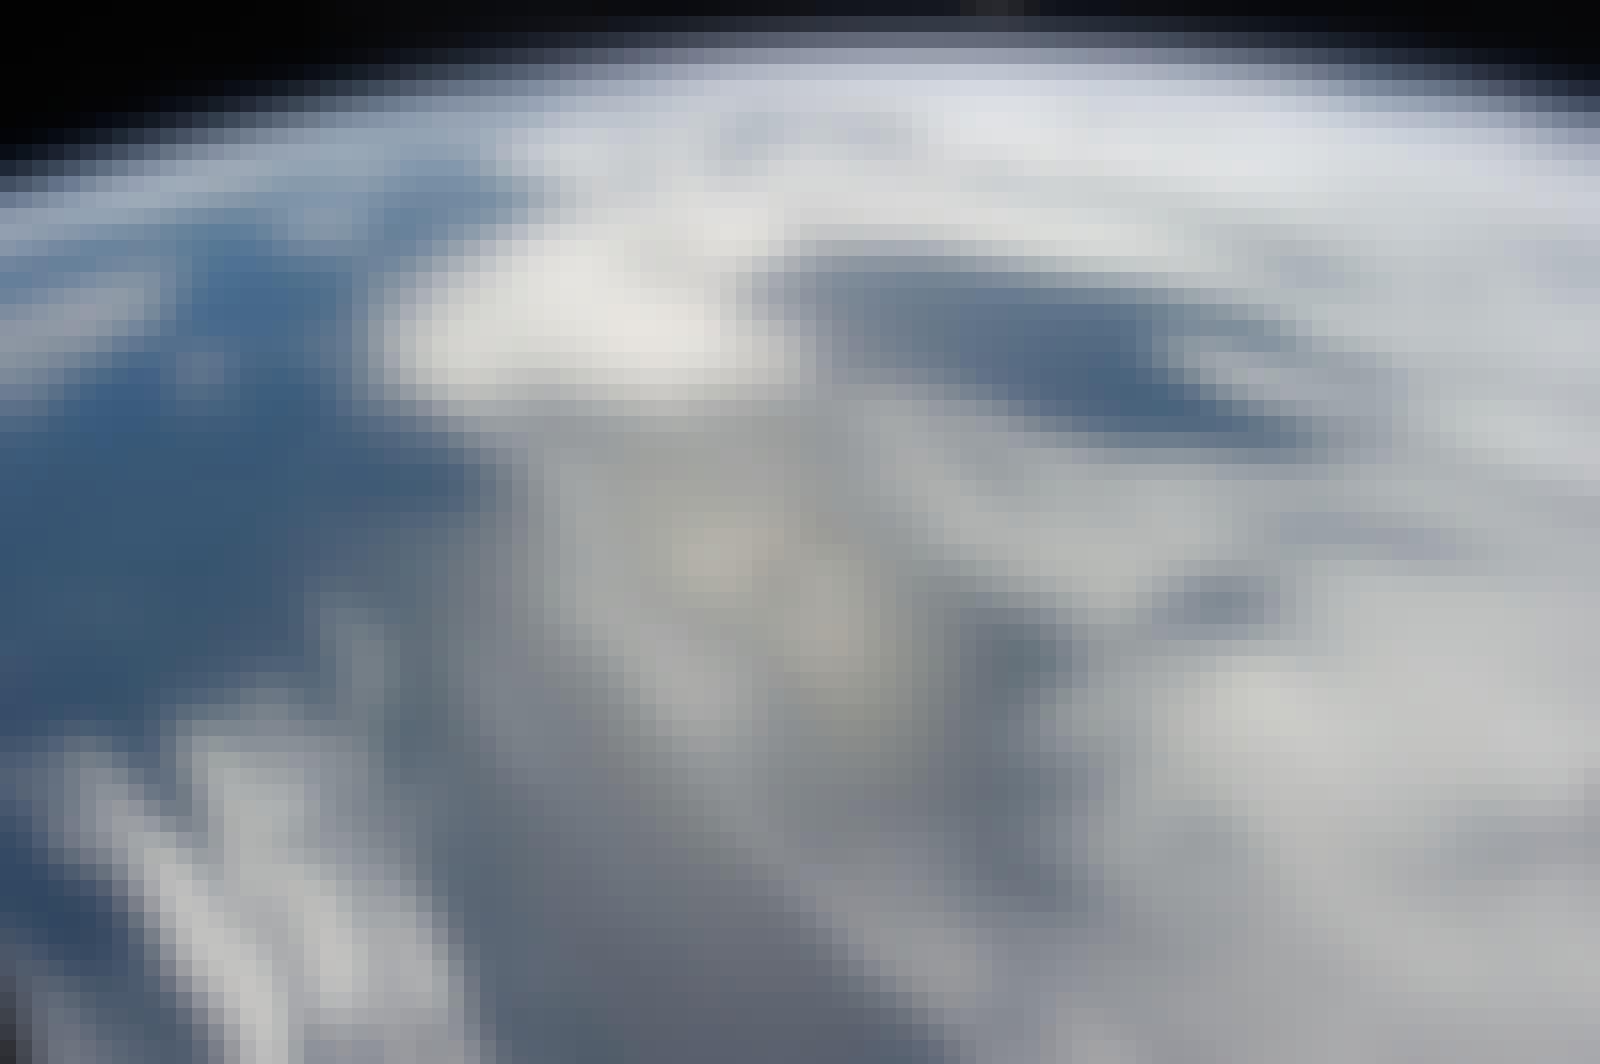 Satellieten in baan